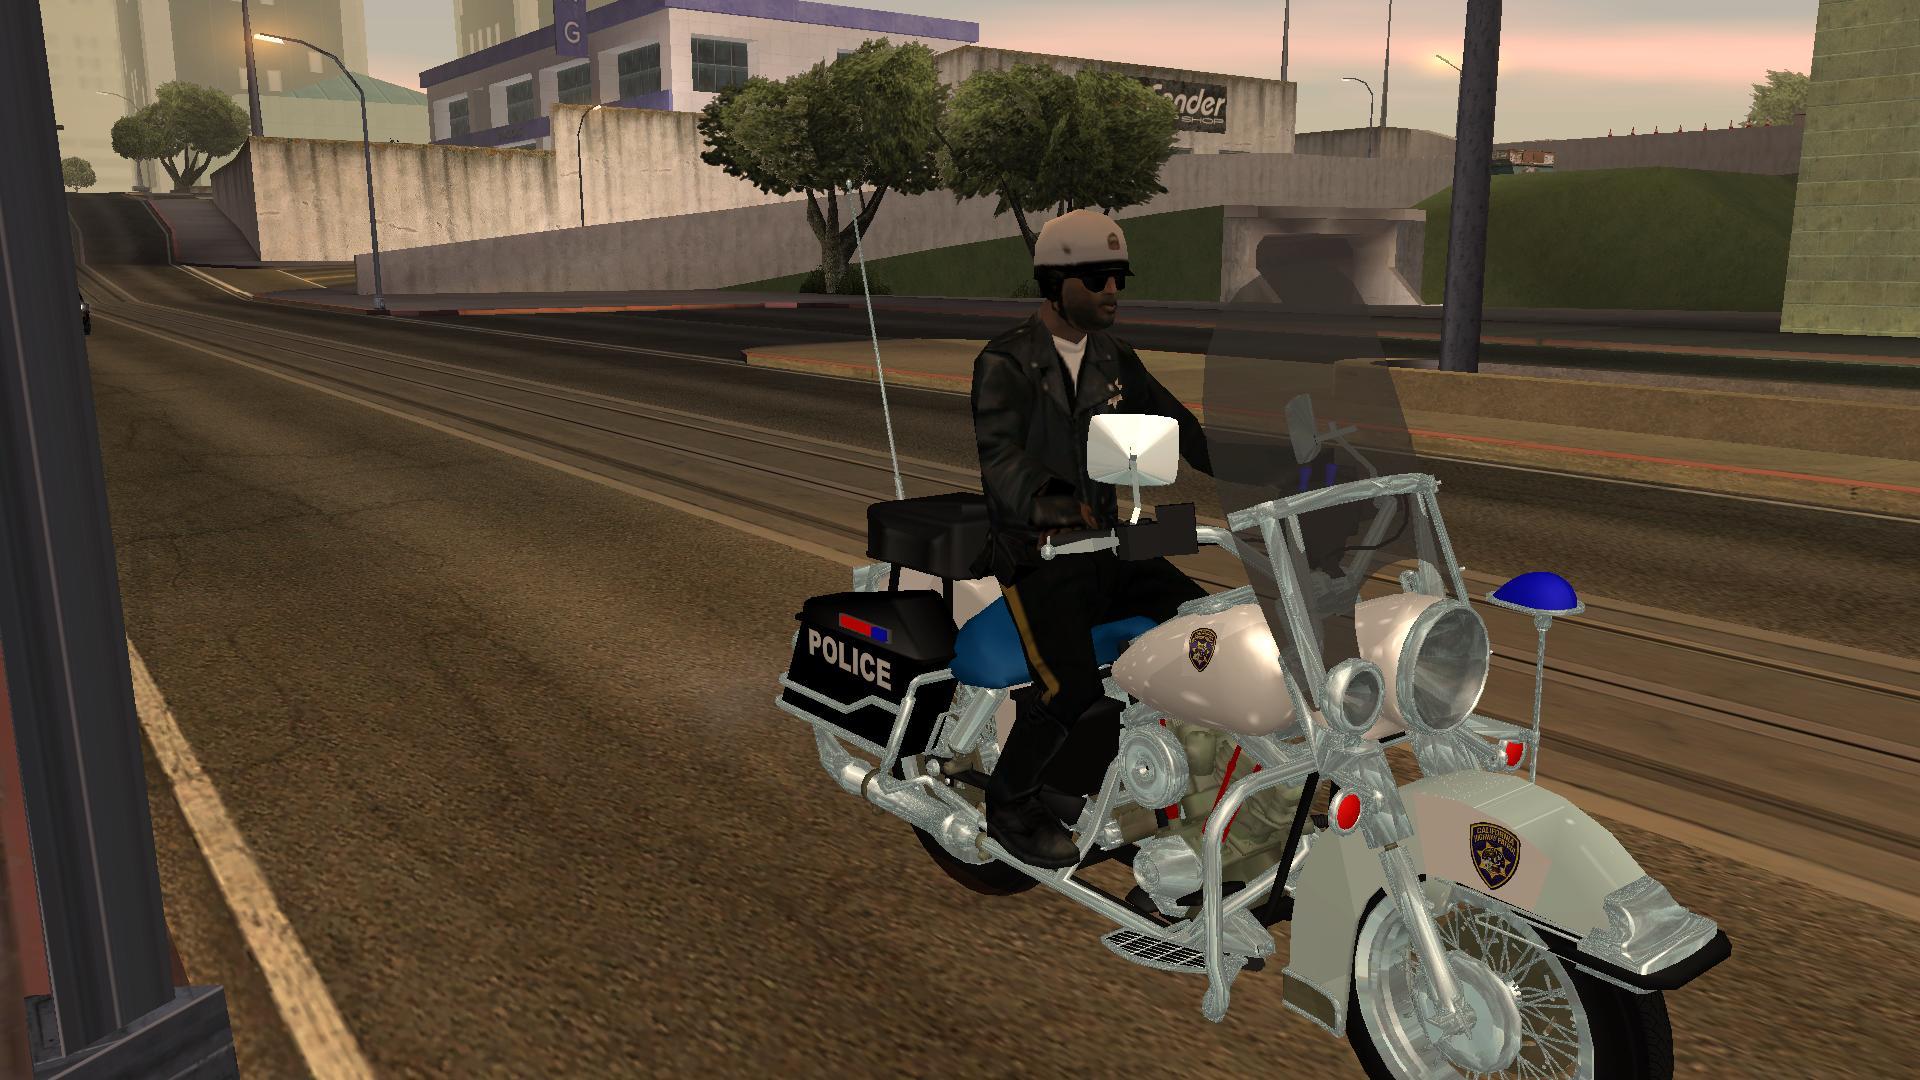 copbike image real cars for gta sa mod for grand theft auto san